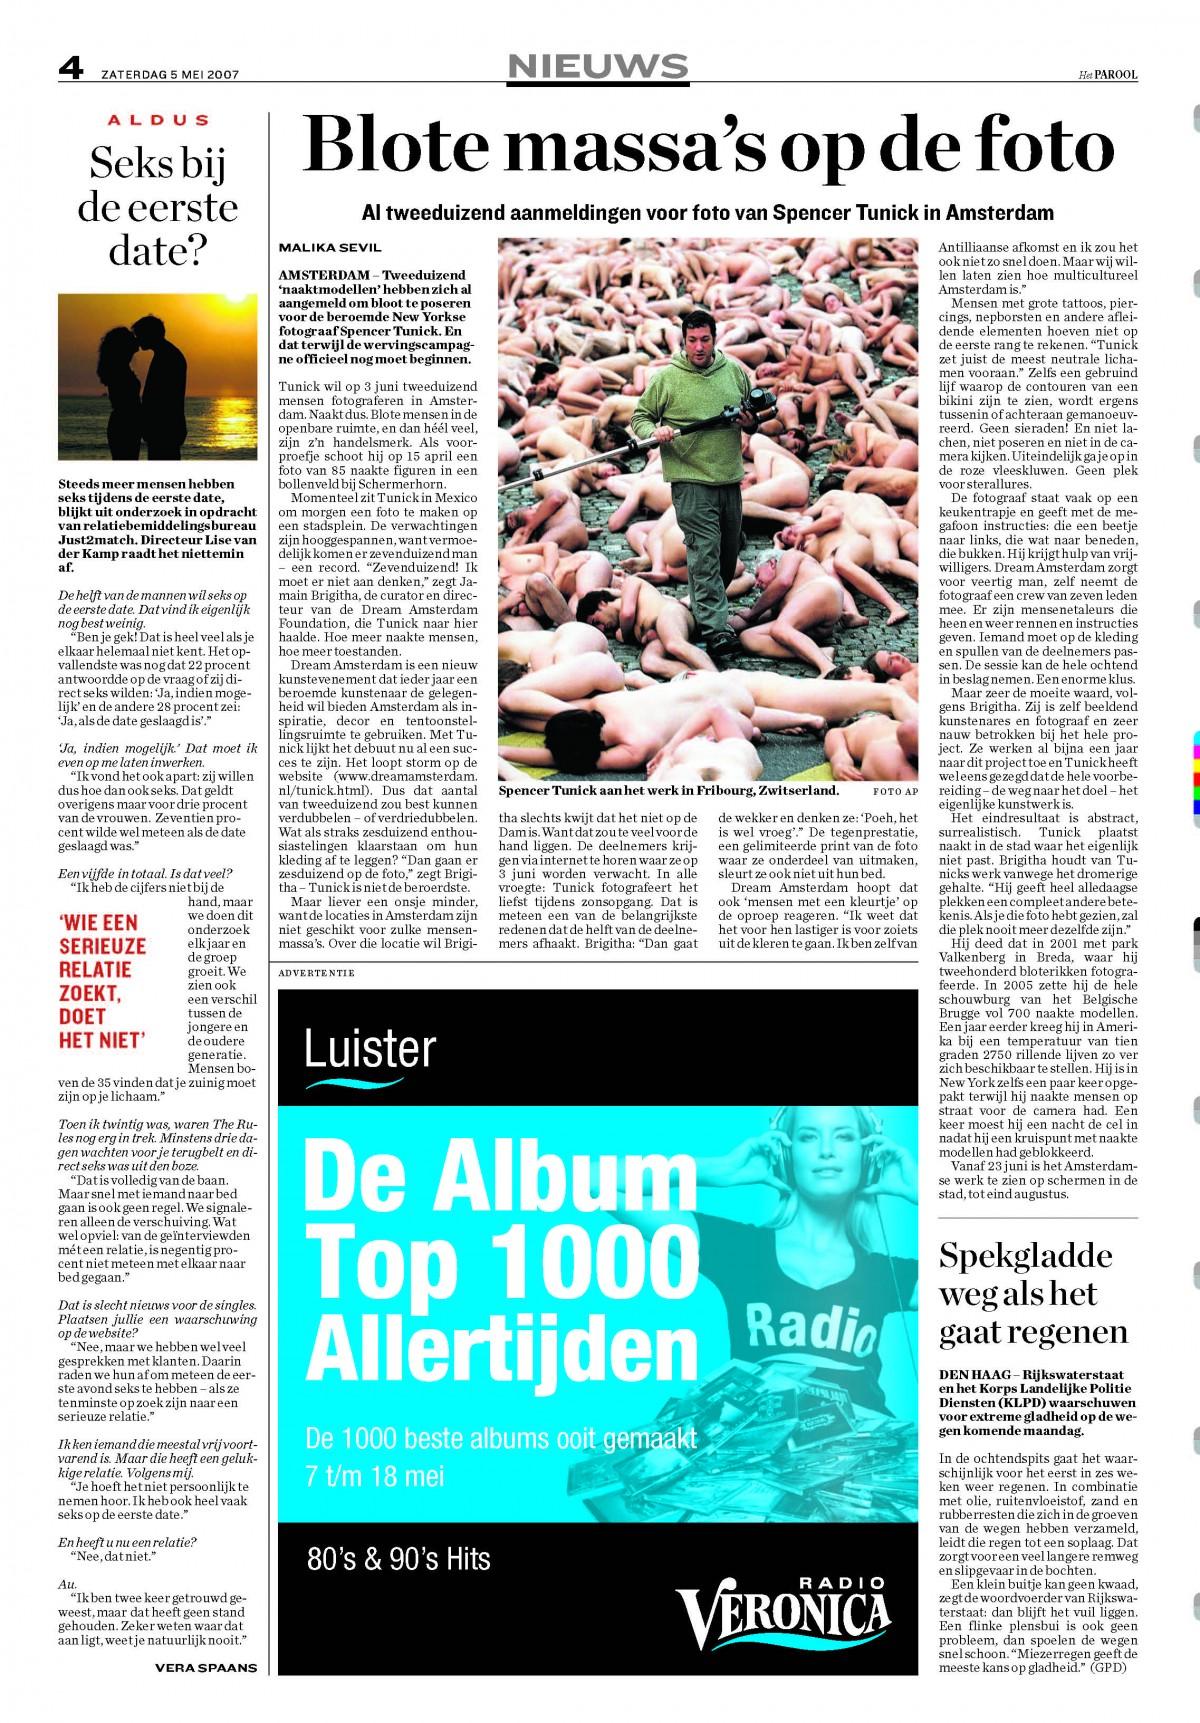 Het Parool, May 2007